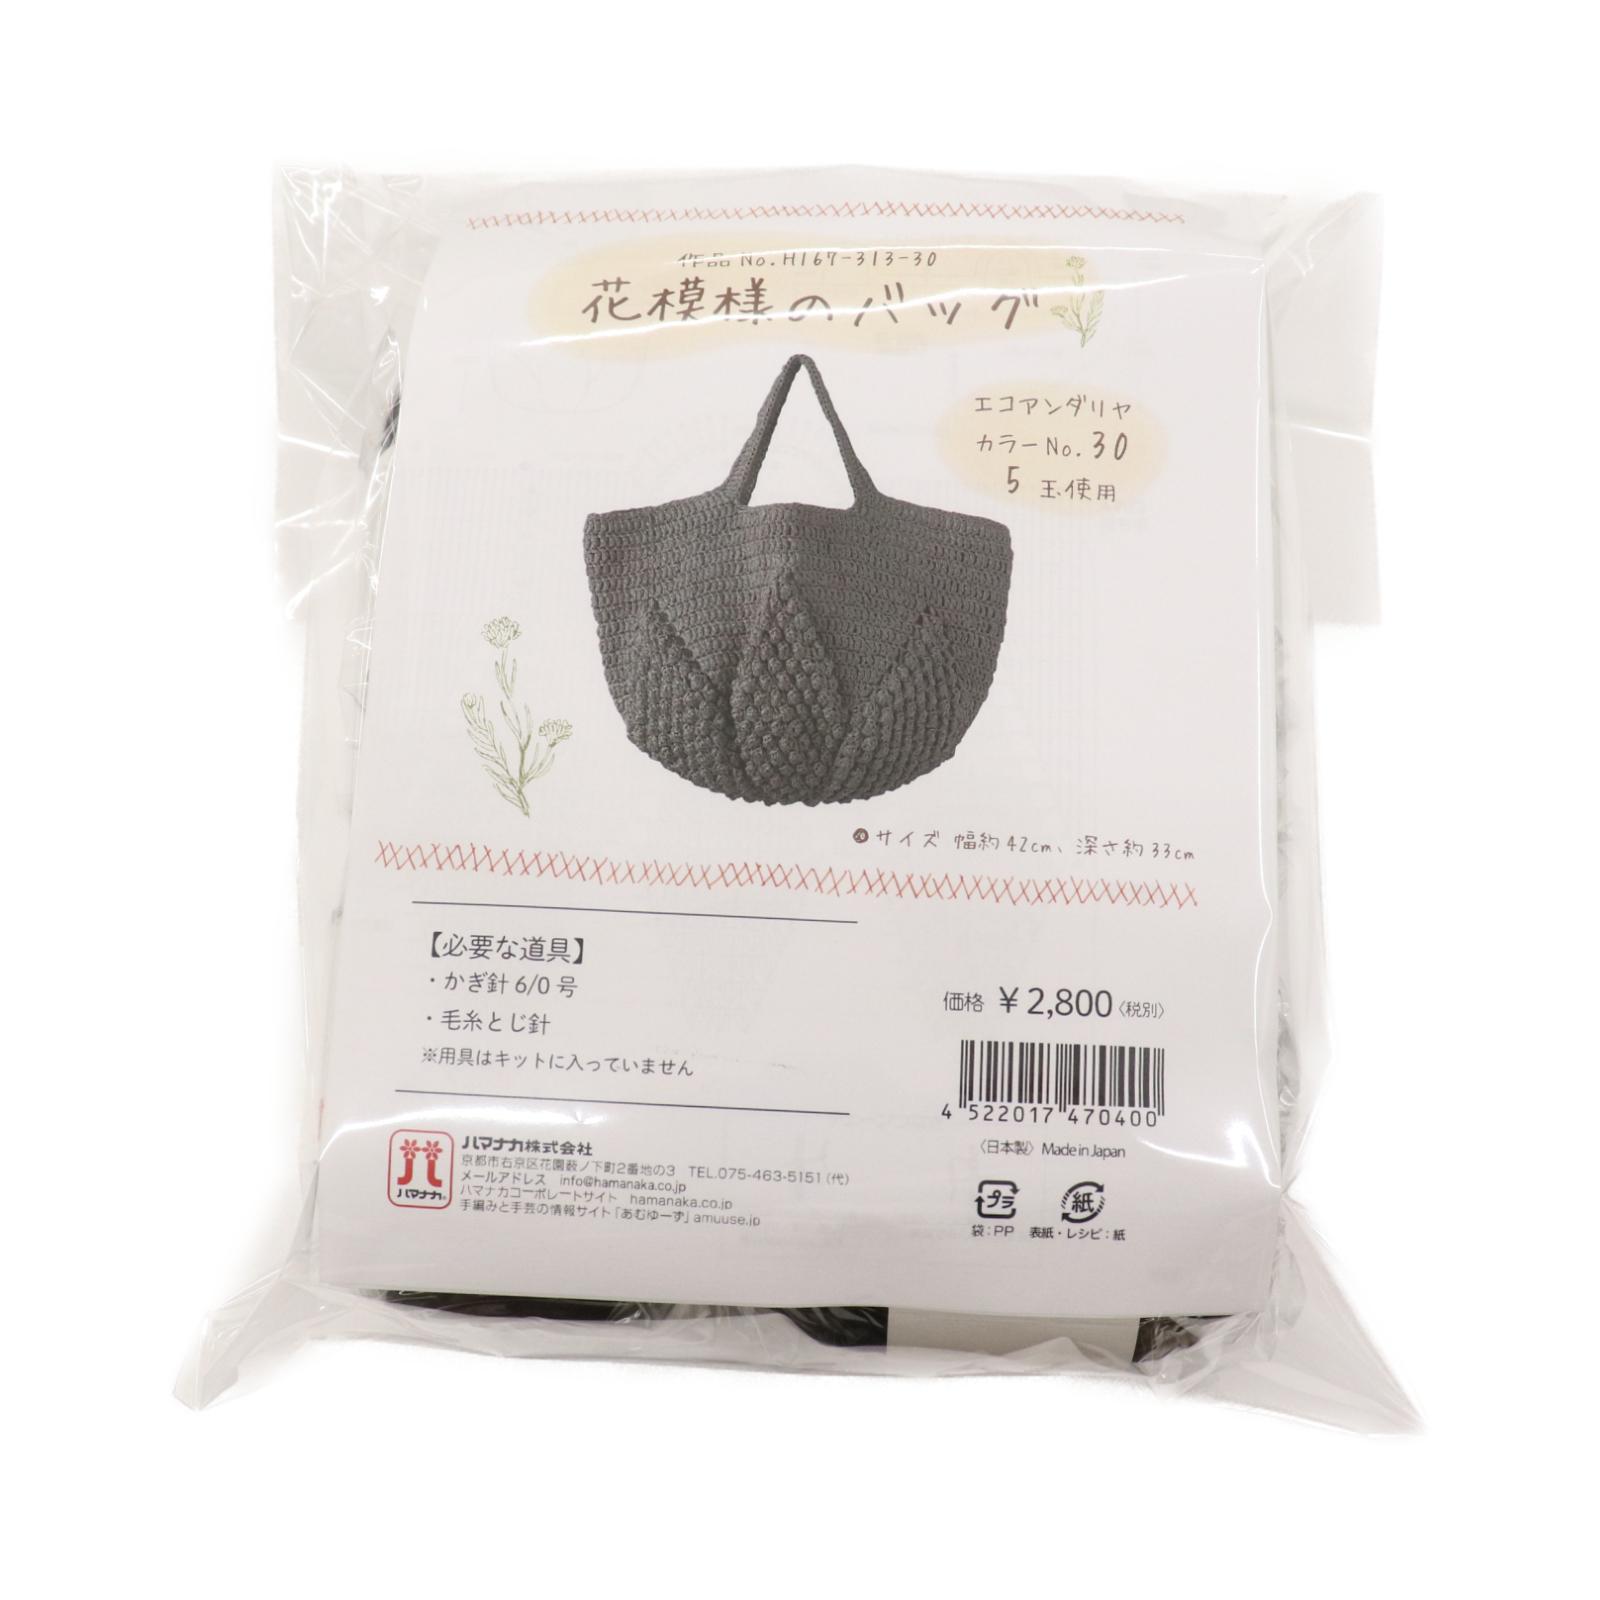 ハマナカ エコアンダリヤ 花模様のバッグキットH167-313